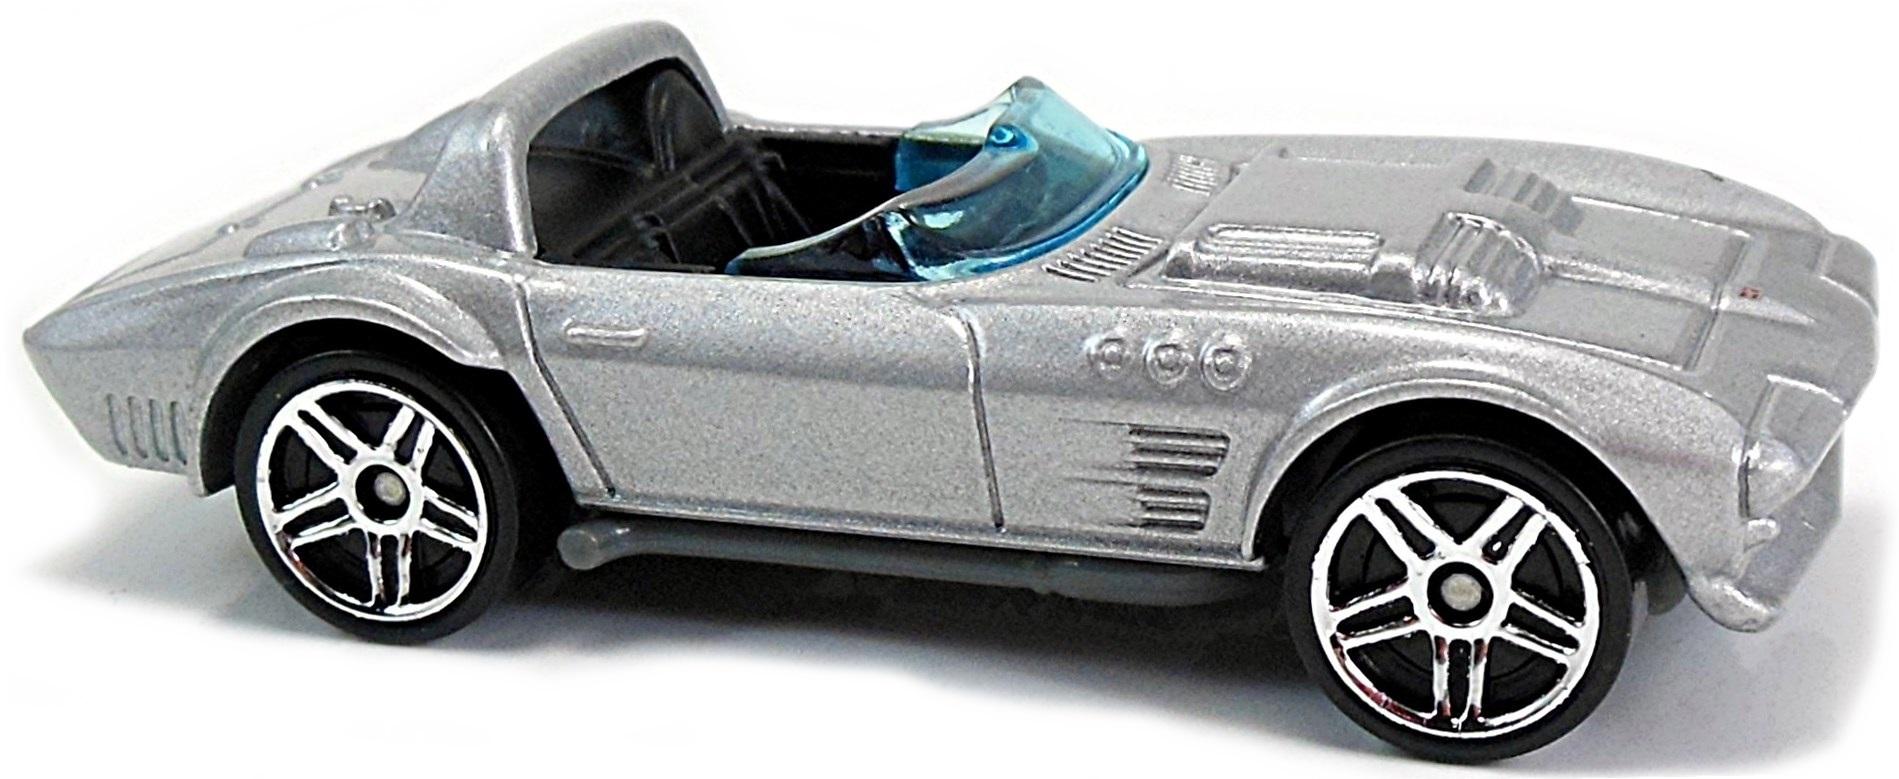 Corvette Grand Sport Roadster 71mm 2015 Hot Wheels